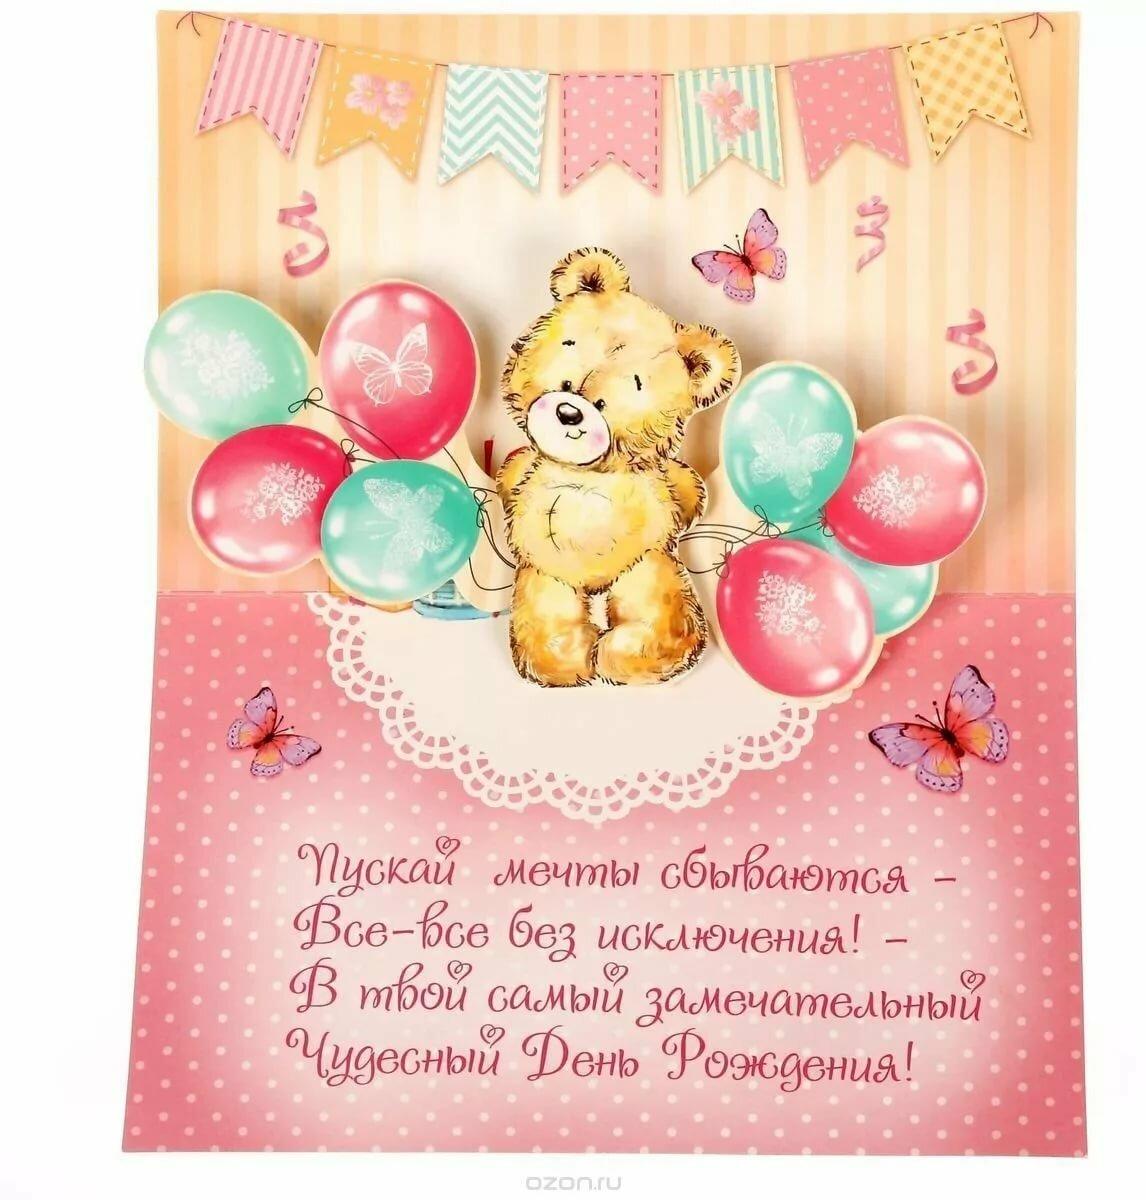 Открытка на день рождения ребенка девочки